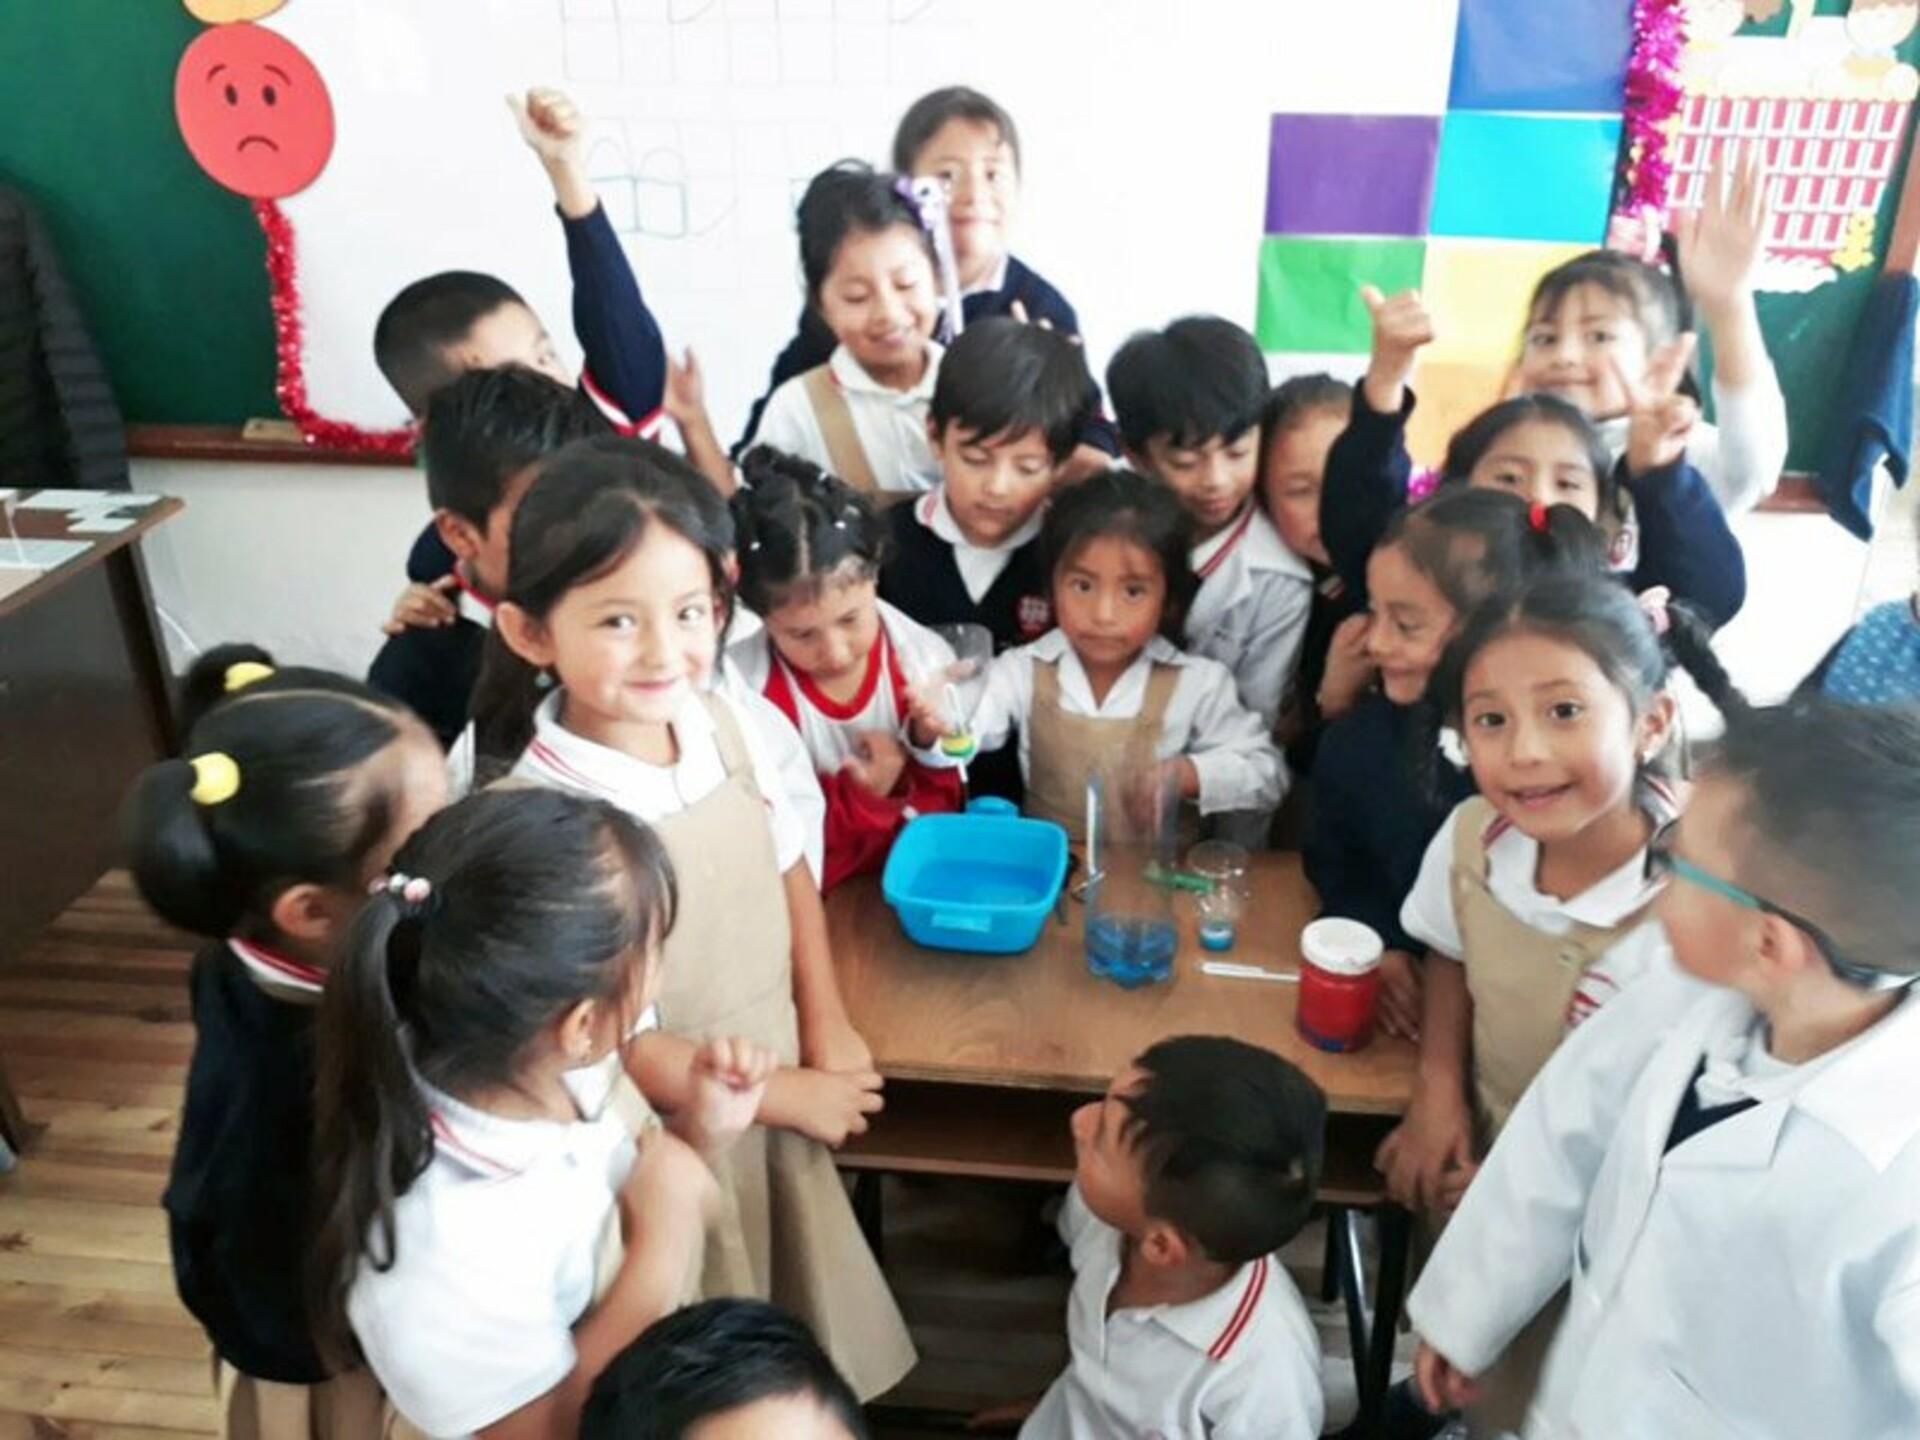 ODI weltwärts Freiwilligendienst Ecuador Kinder